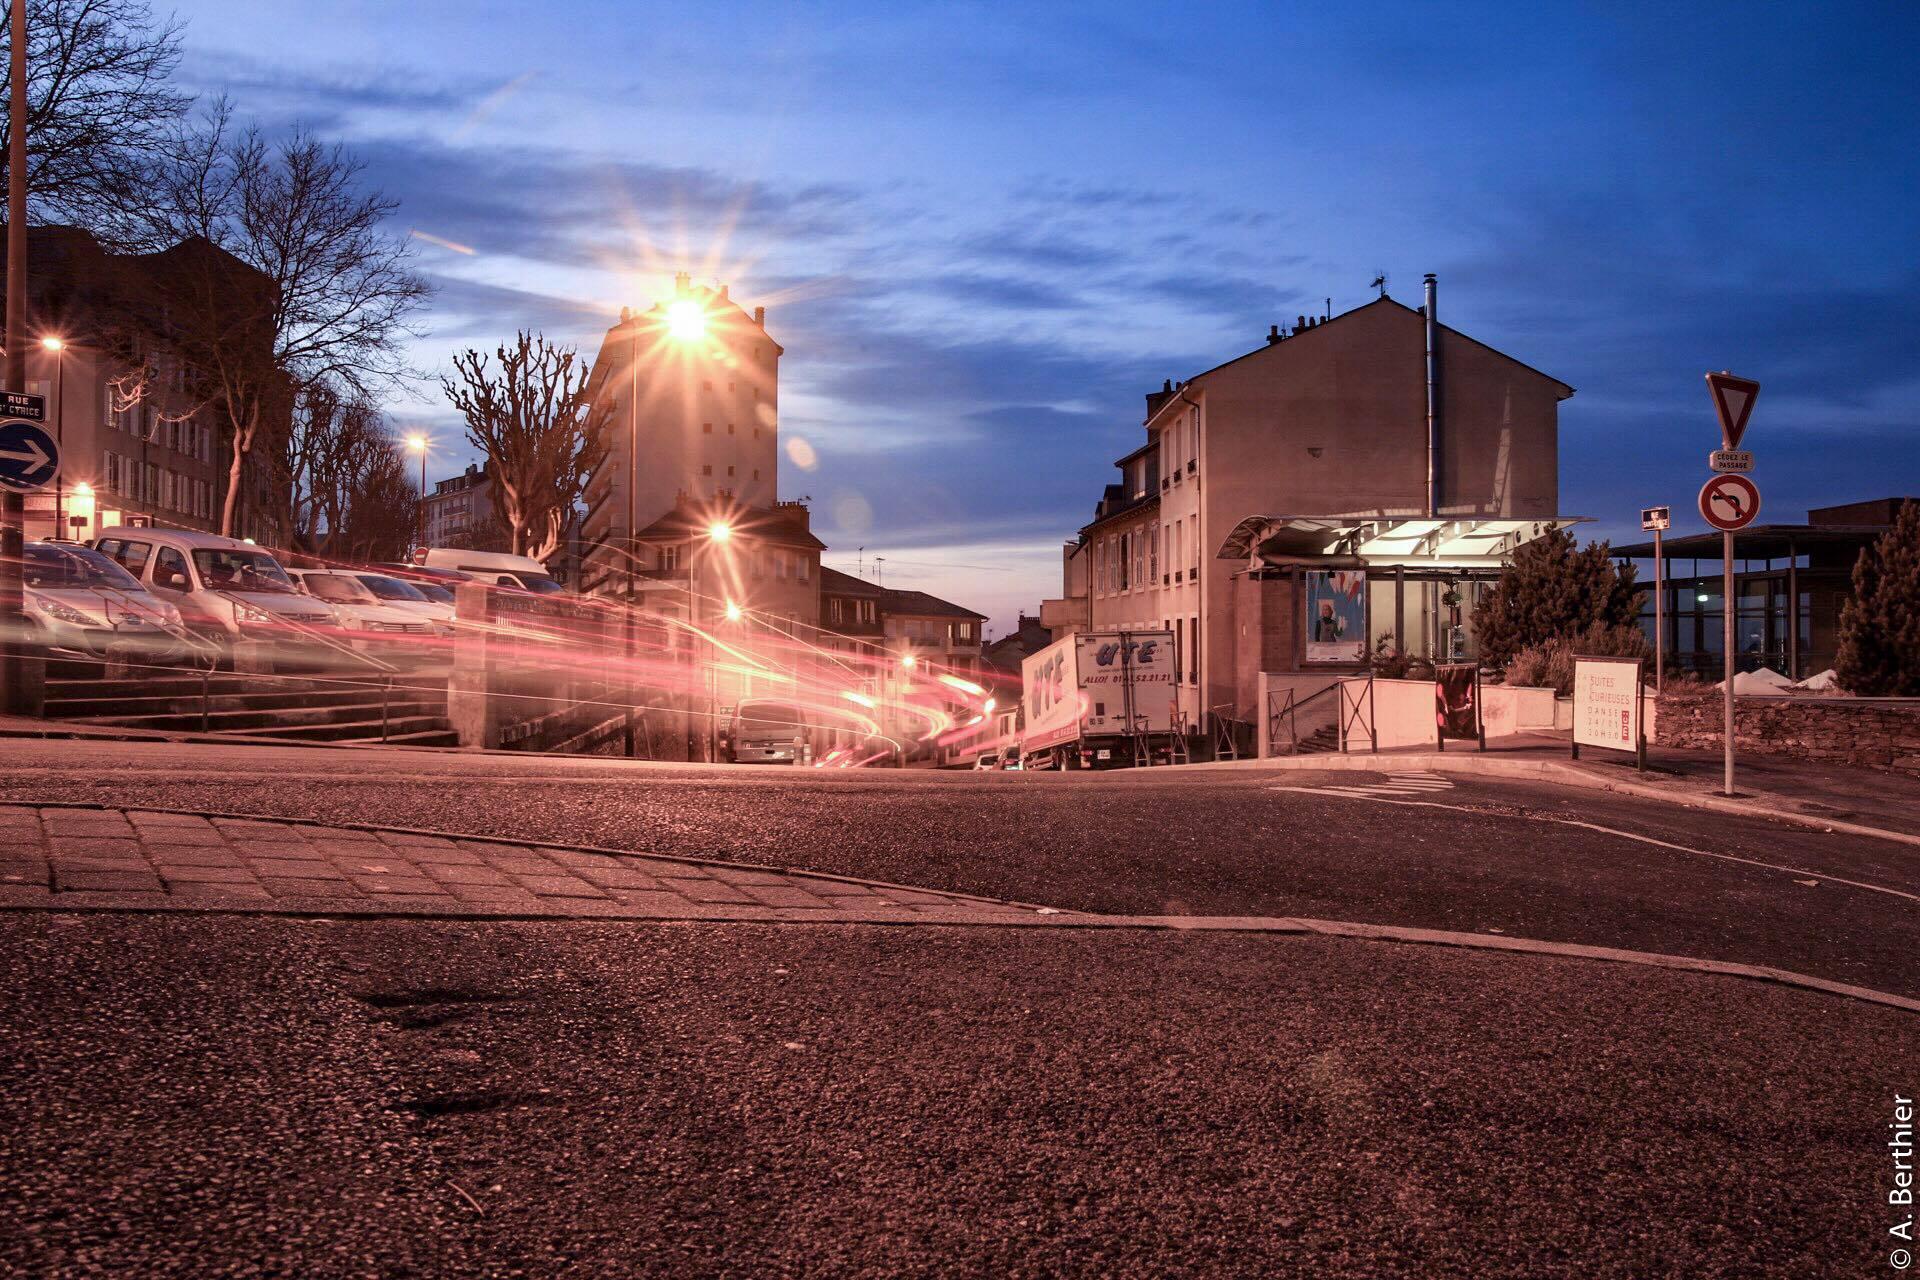 Jeux de lumières en haut de la rue Saint-Cyrice, Rodez, Aveyron